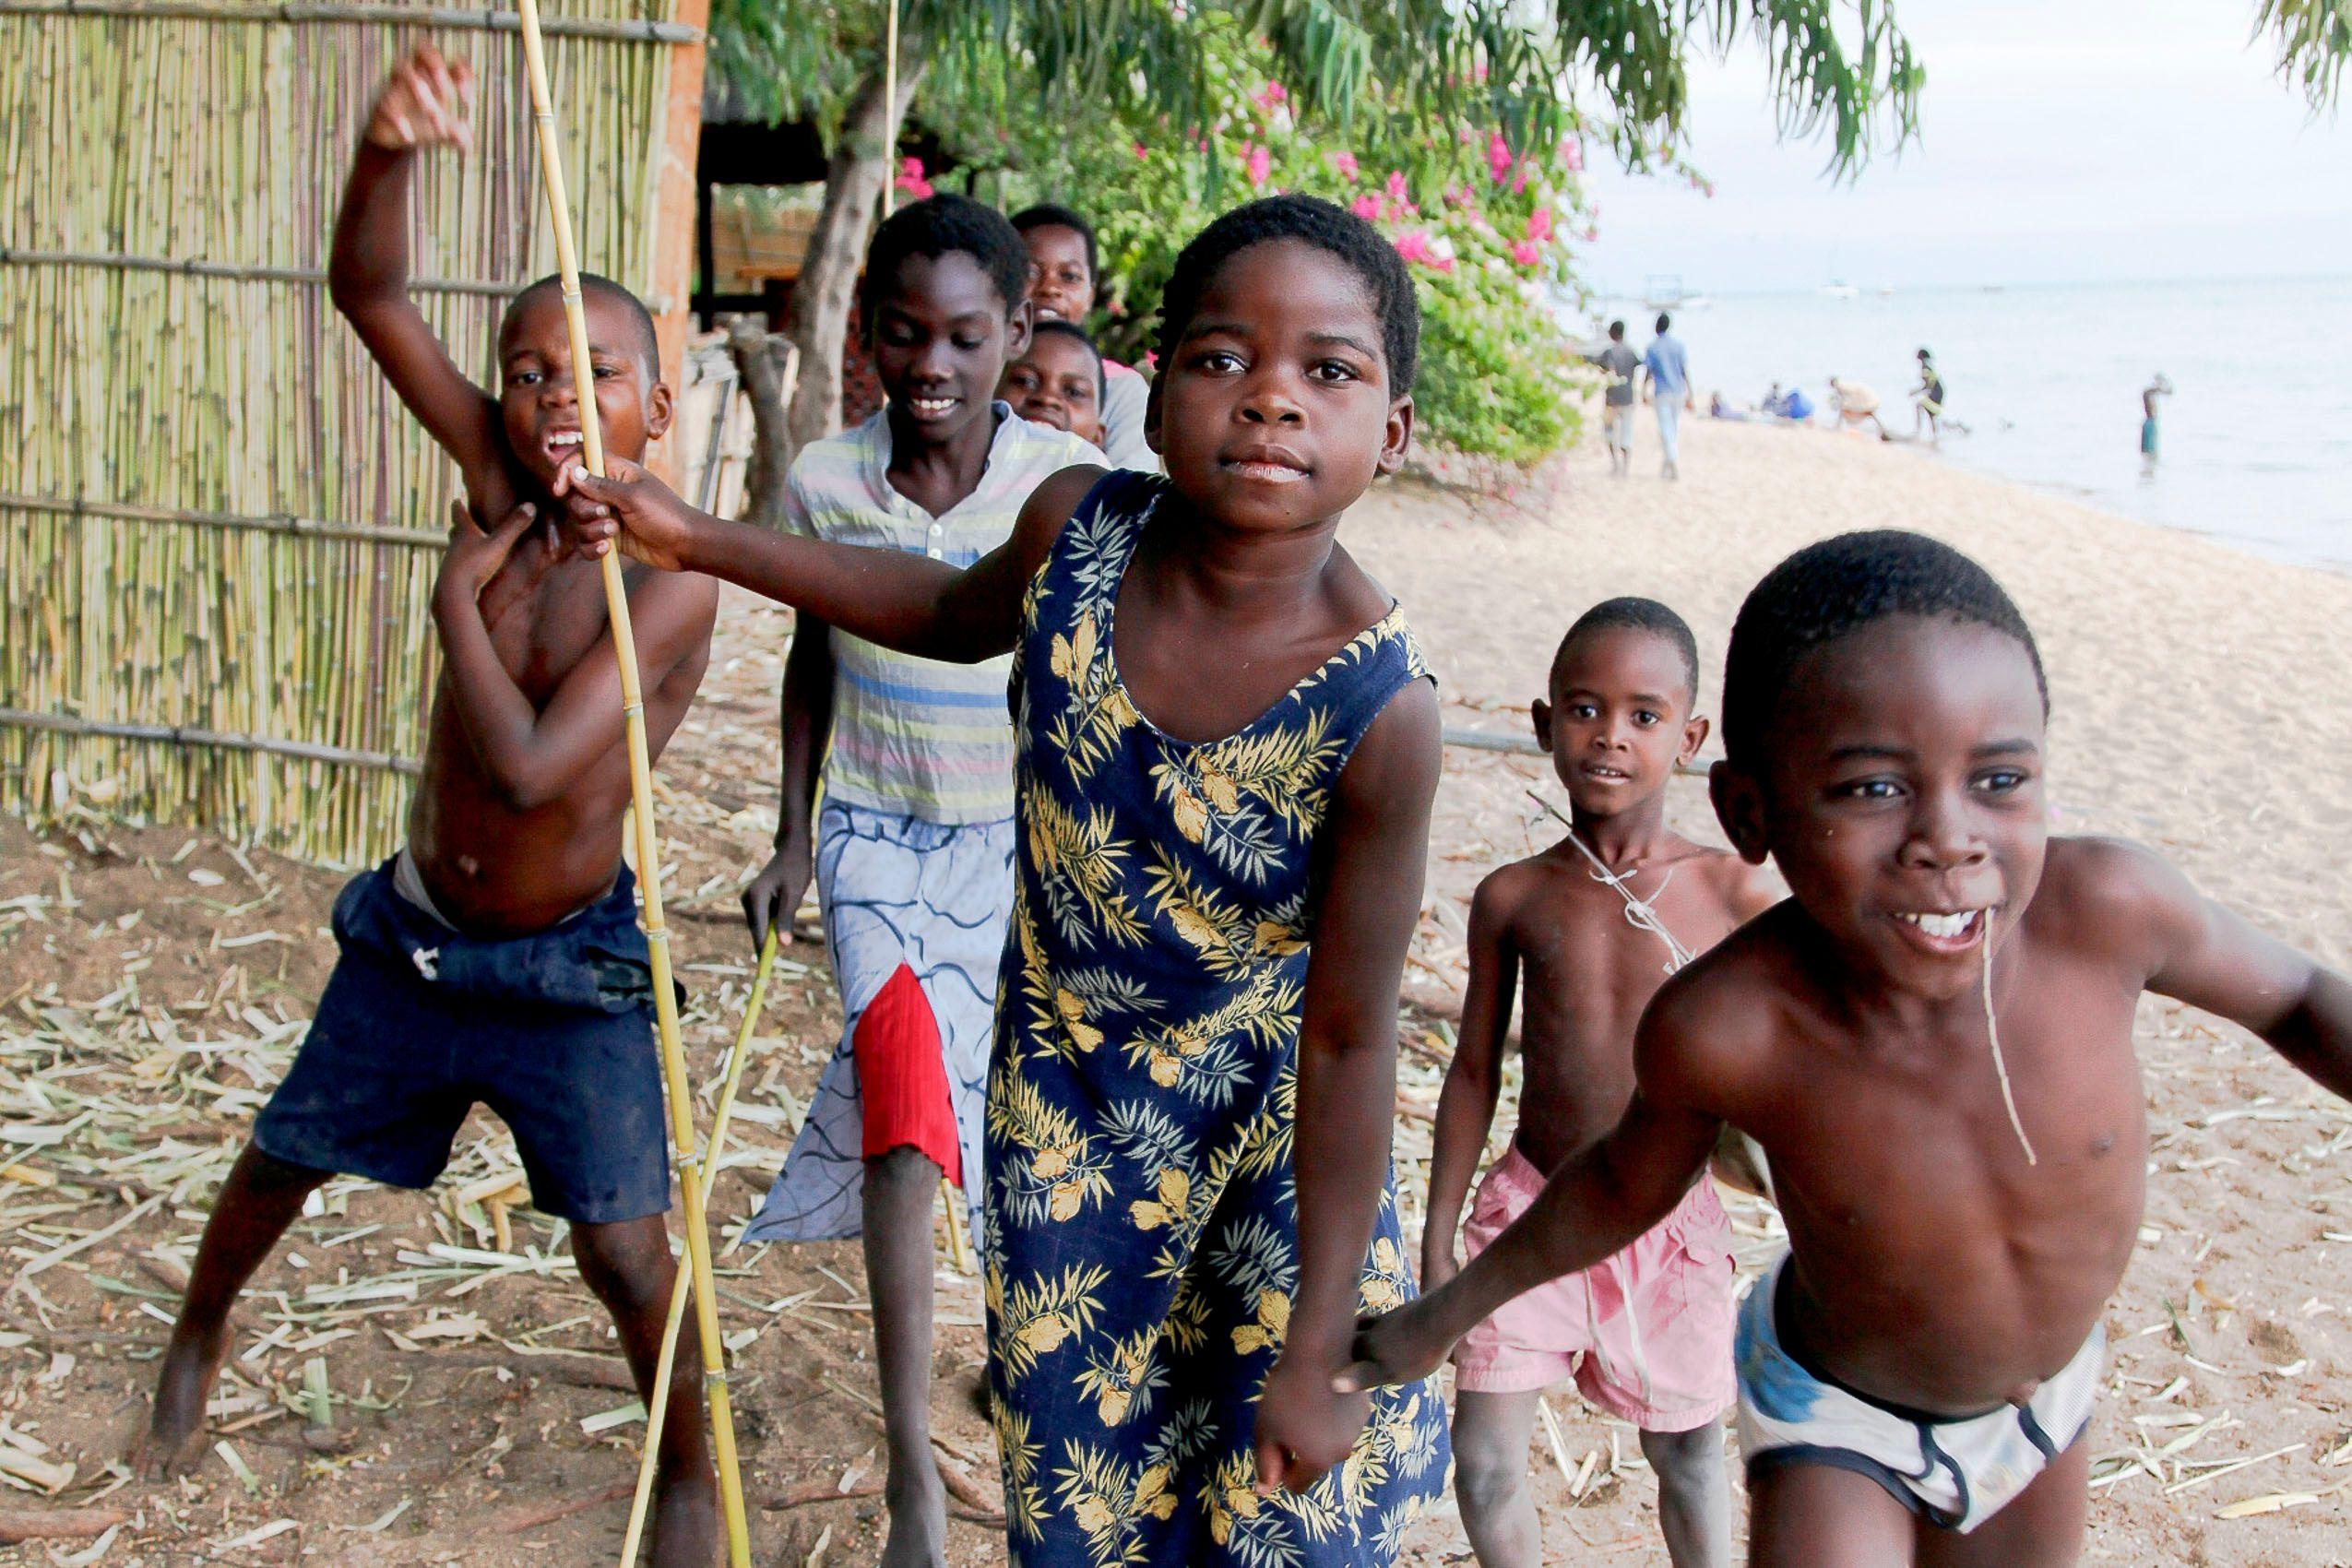 africa_malawi_lake_malawi_children_beavh.jpg